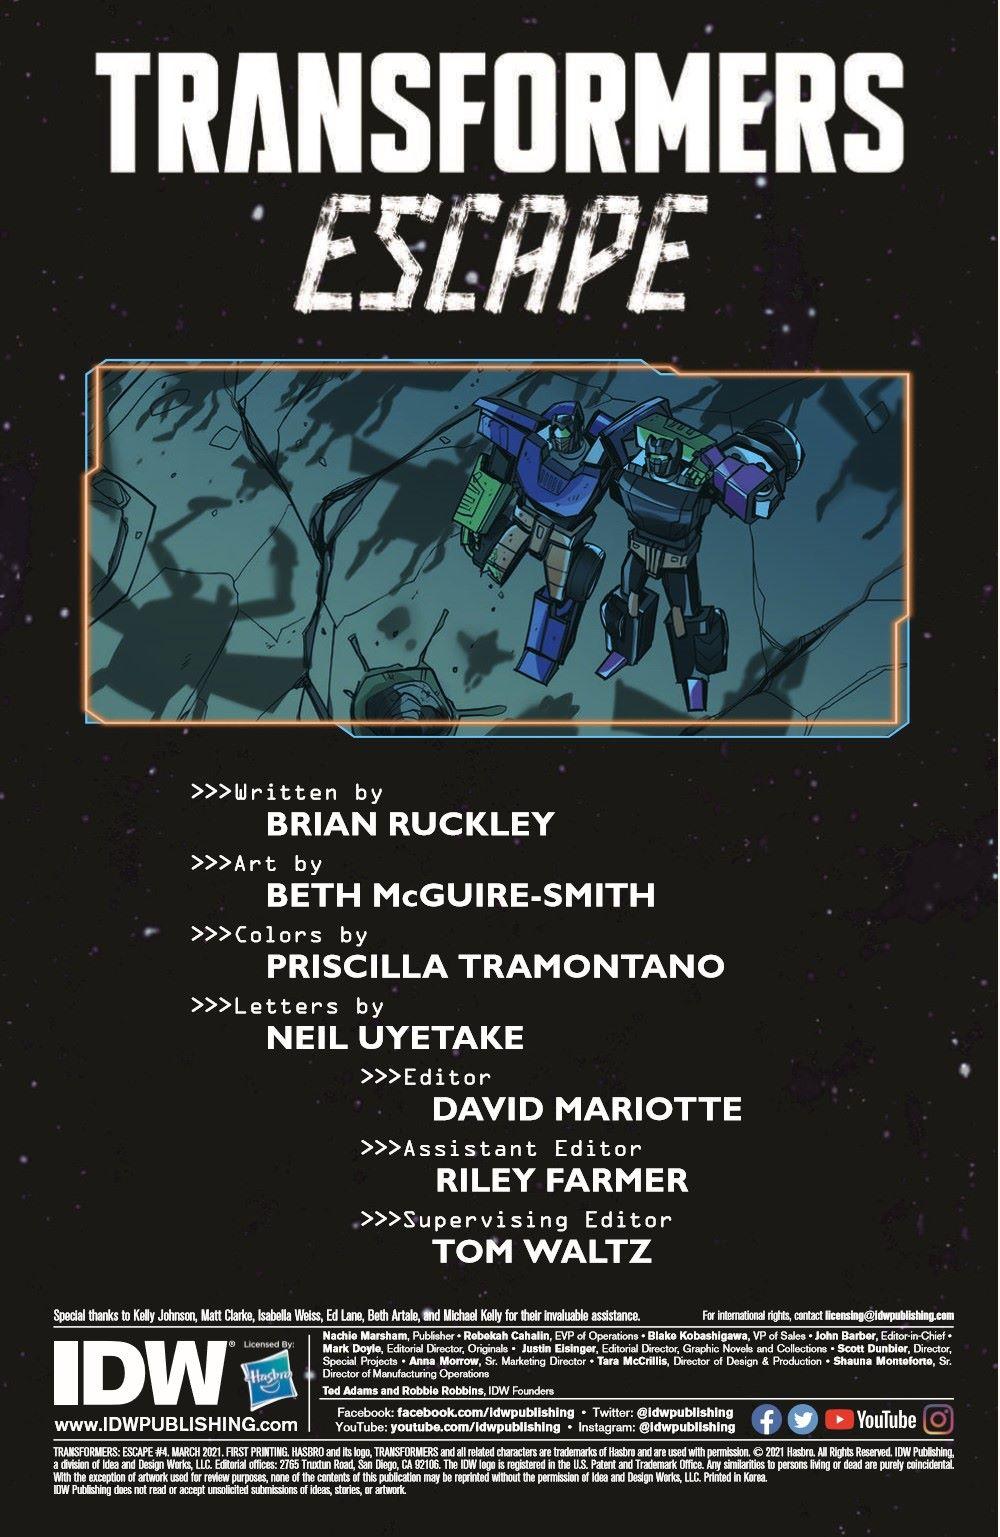 TFEscape04-pr-4 ComicList Previews: TRANSFORMERS ESCAPE #4 (OF 5)